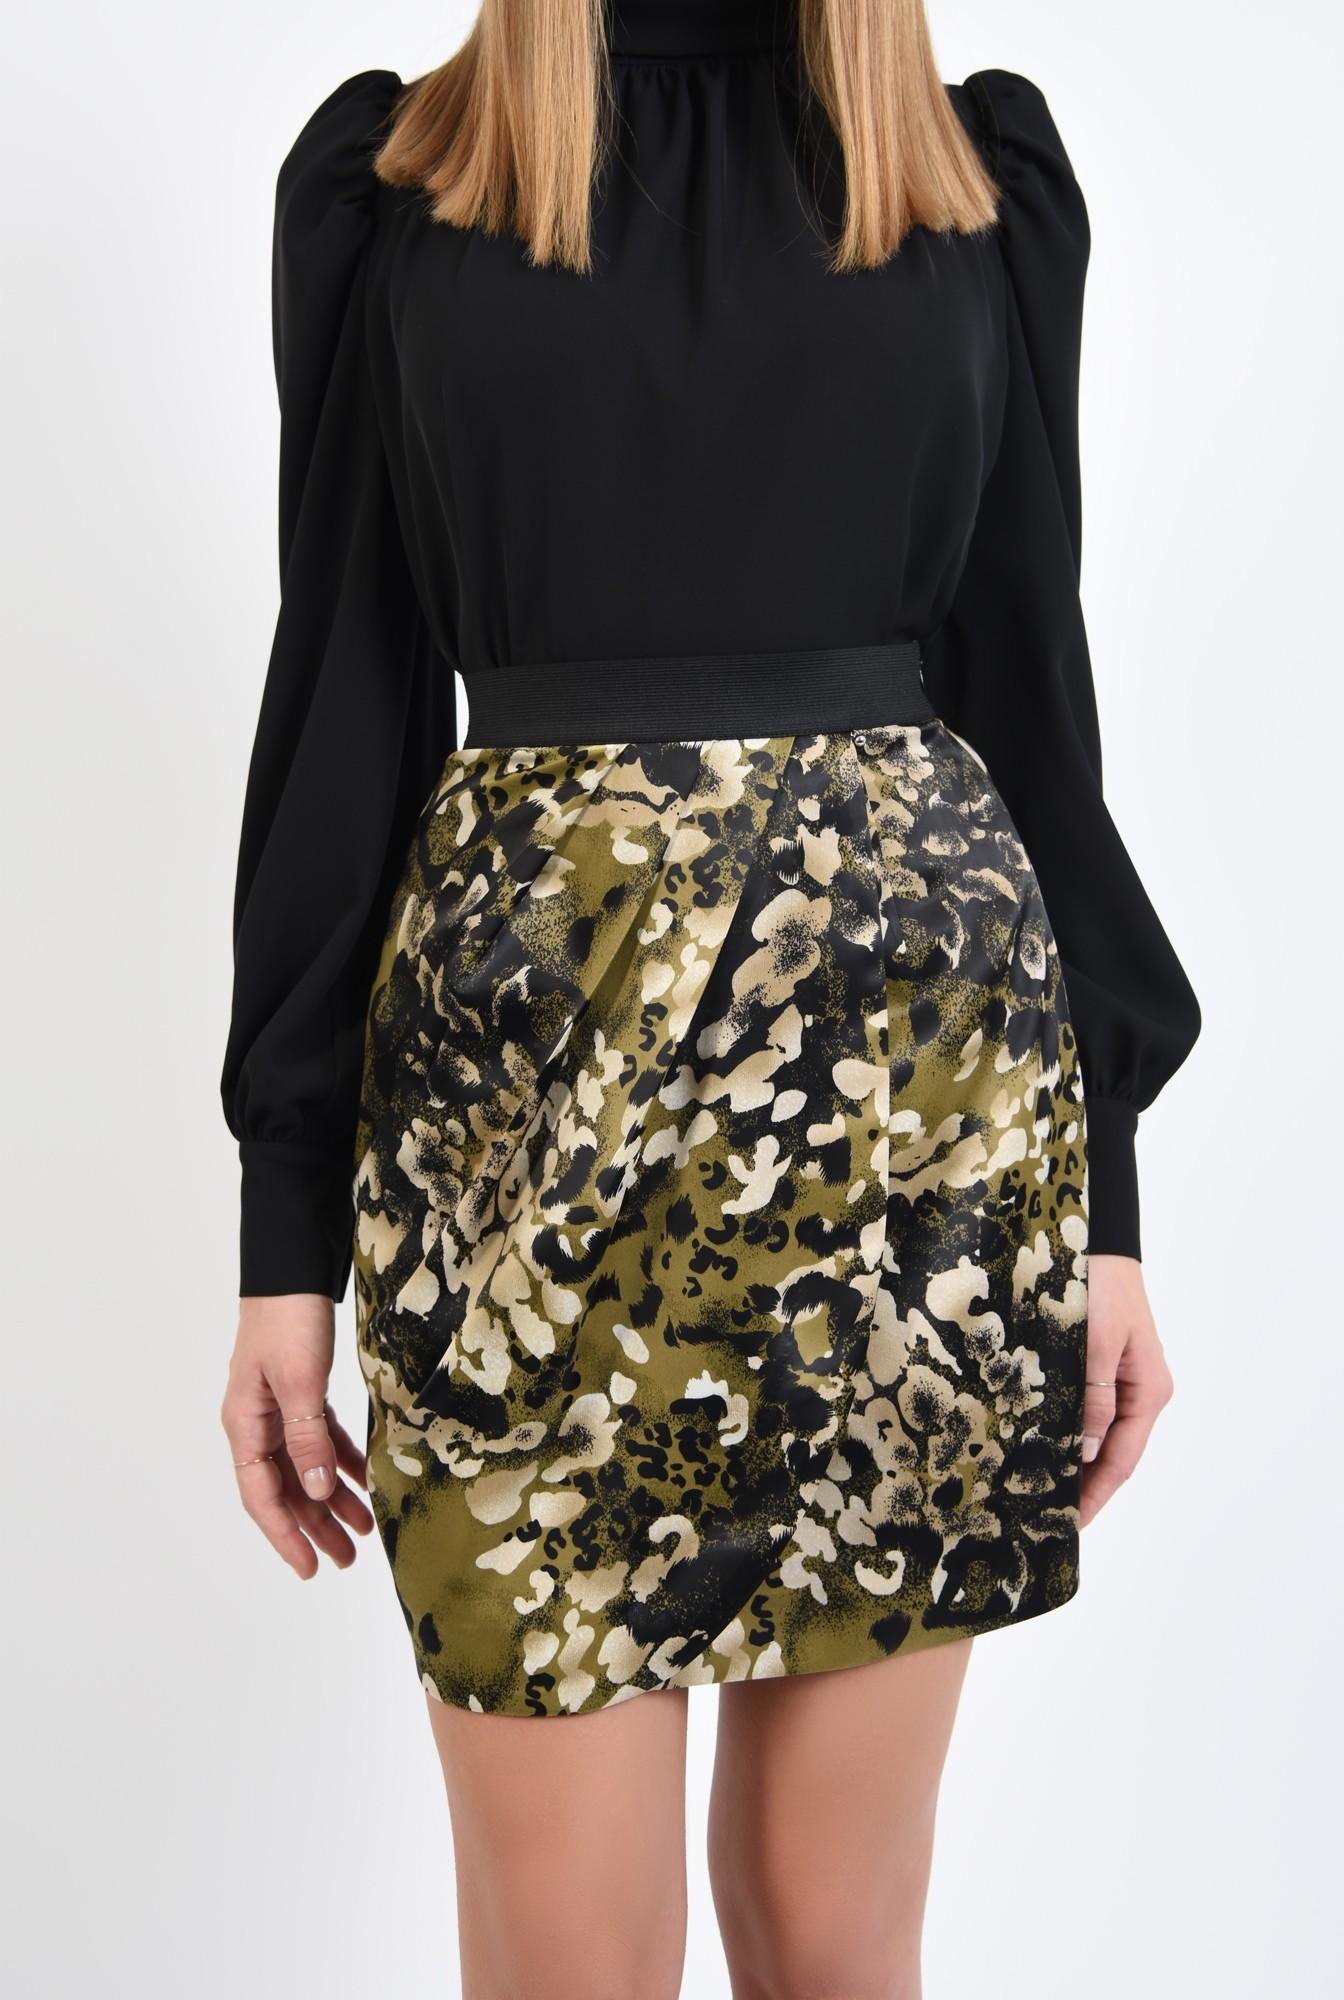 2 - fusta eleganta, din satin, cu print, kaki, usor drapata